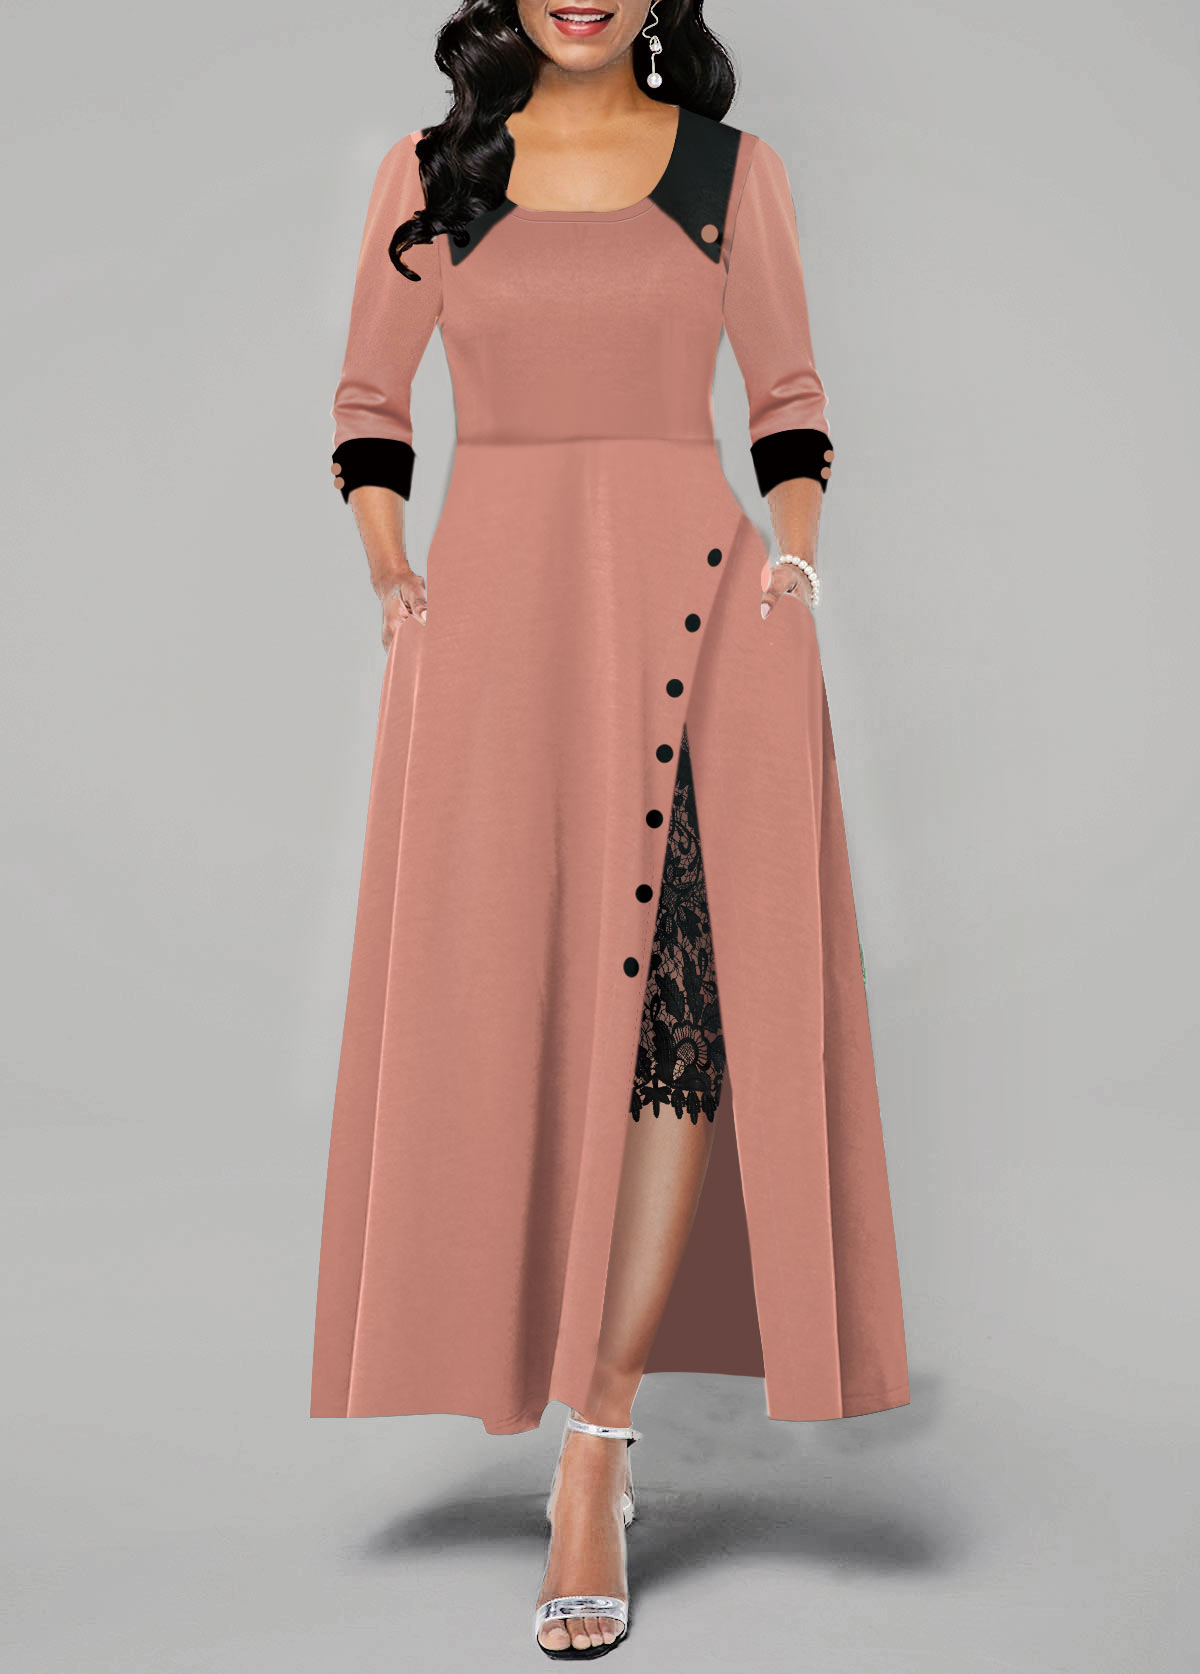 Lace Panel Side Slit Button Detail Maxi Dress